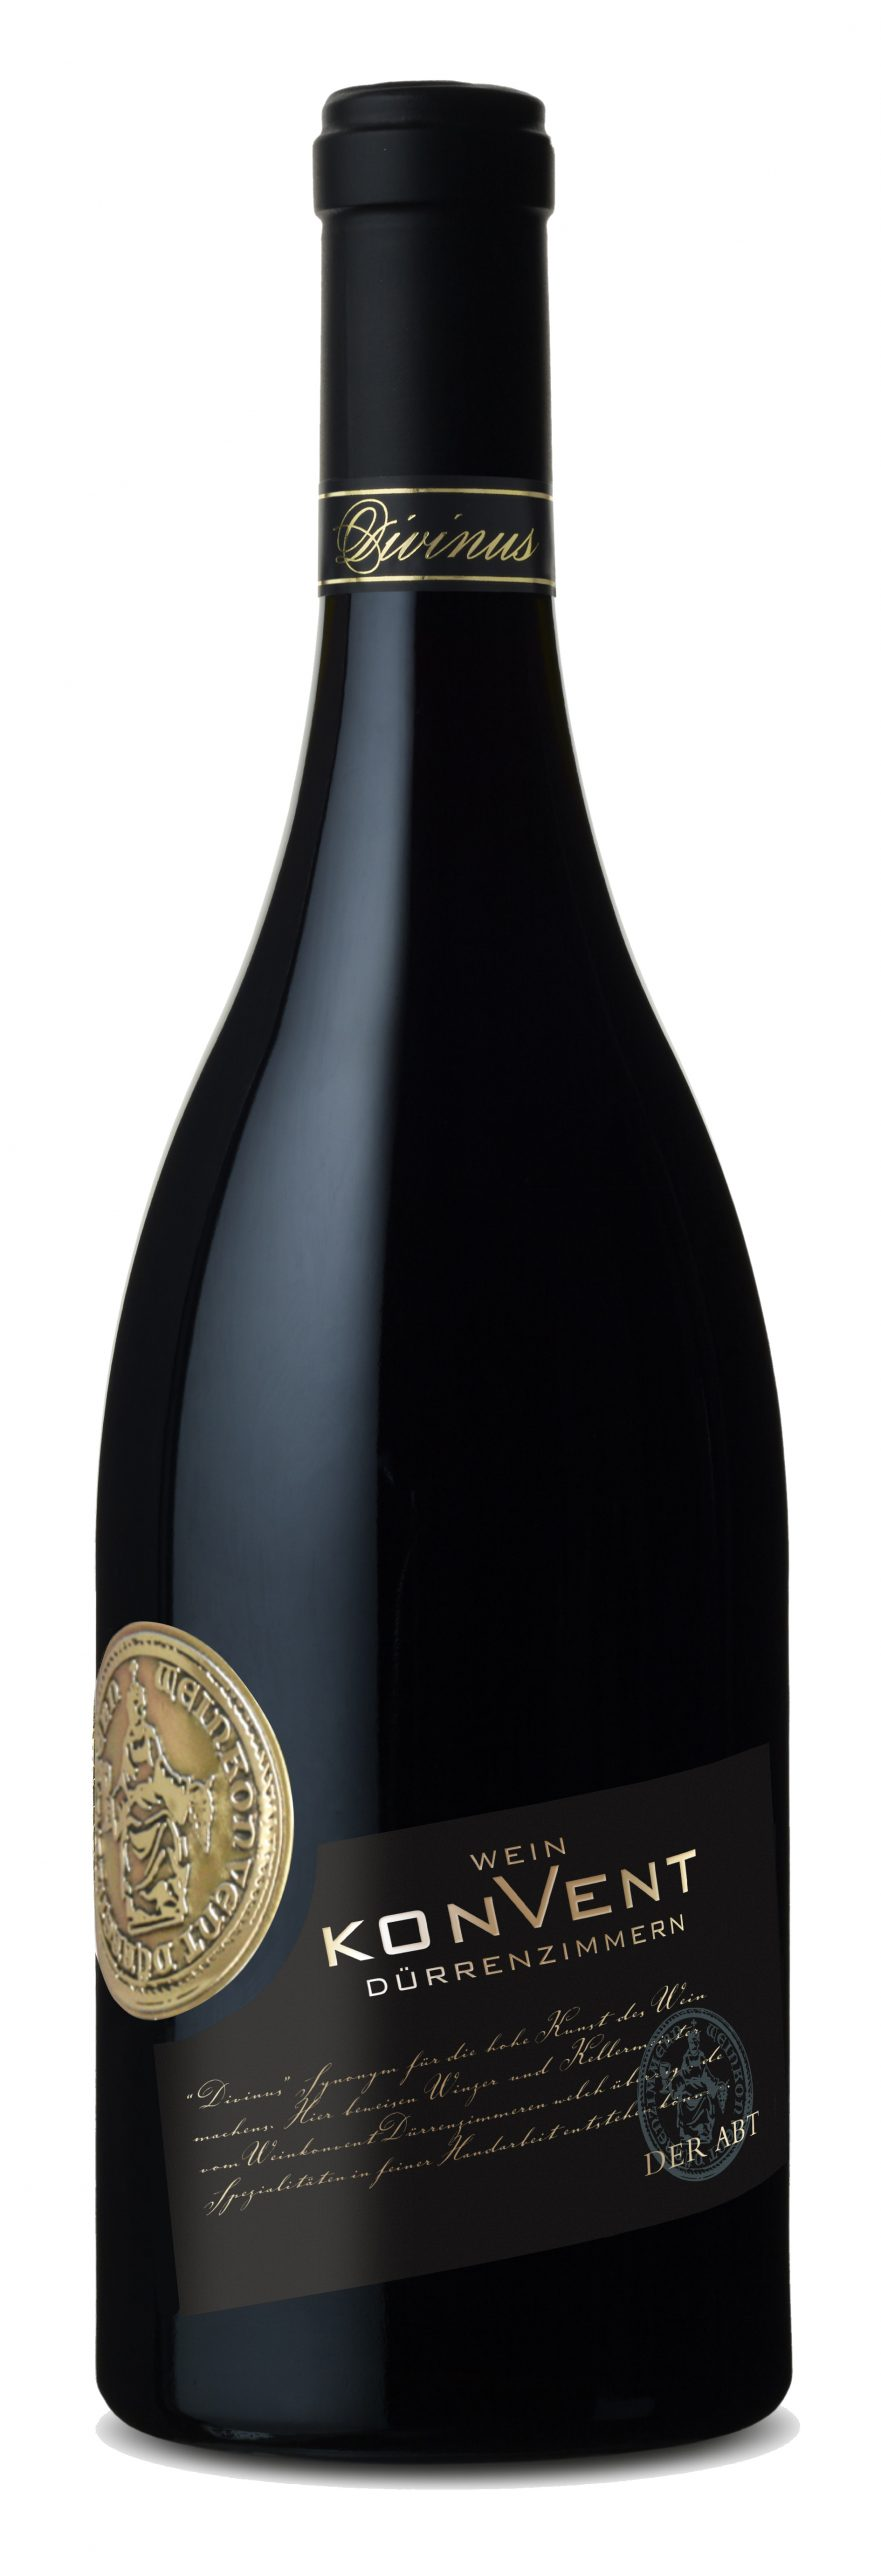 """Rotweincuvée """"Der Abt"""" trocken des Weinkonvent Dürrenzimmern"""